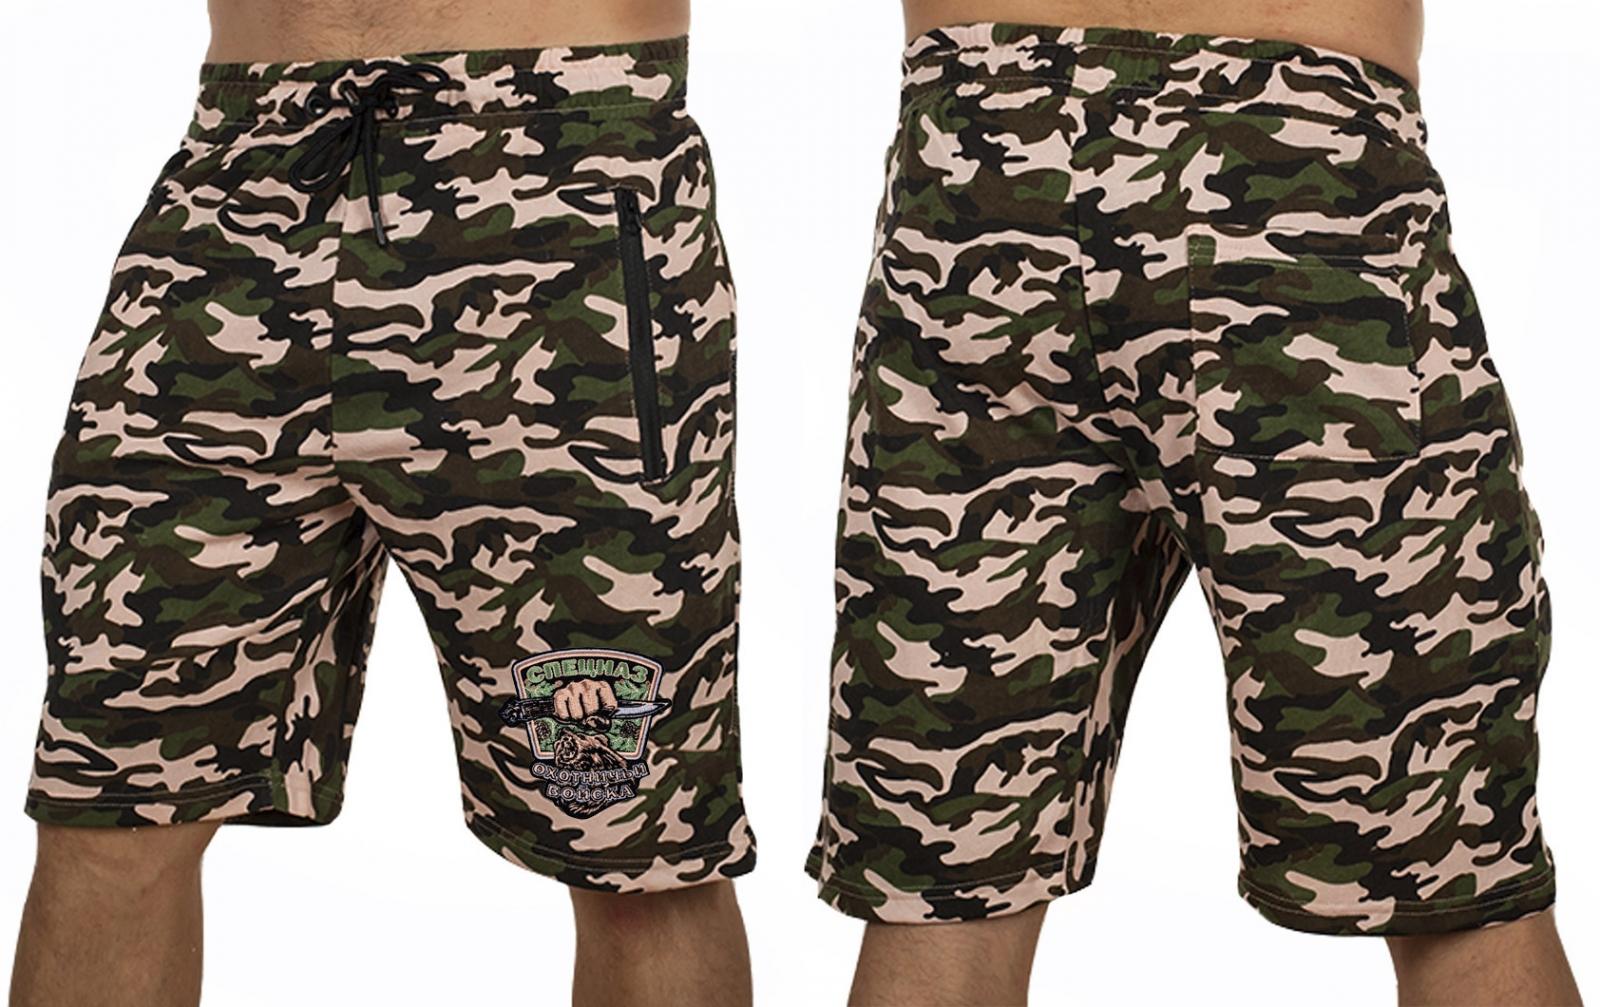 Мужские летние шорты с шевроном Охотничьих войск купить онлайн